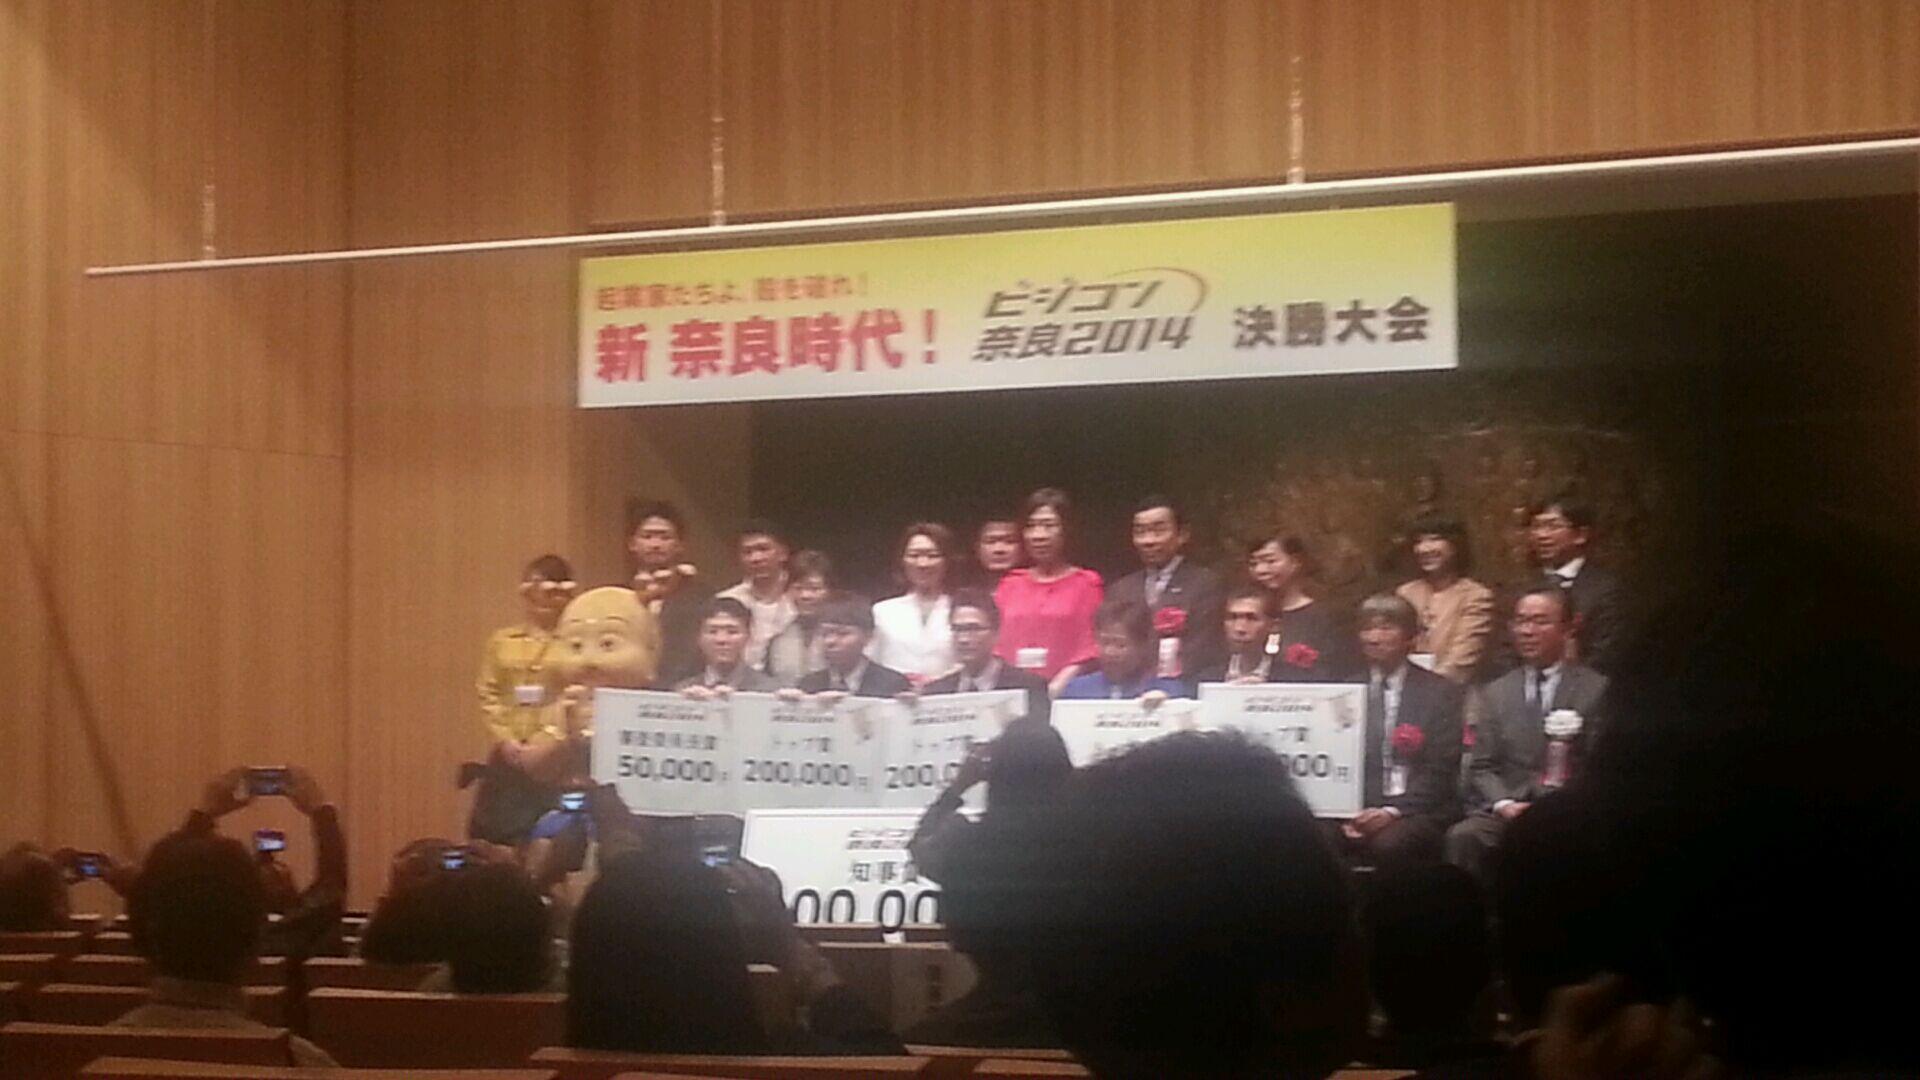 ビジコン奈良2014